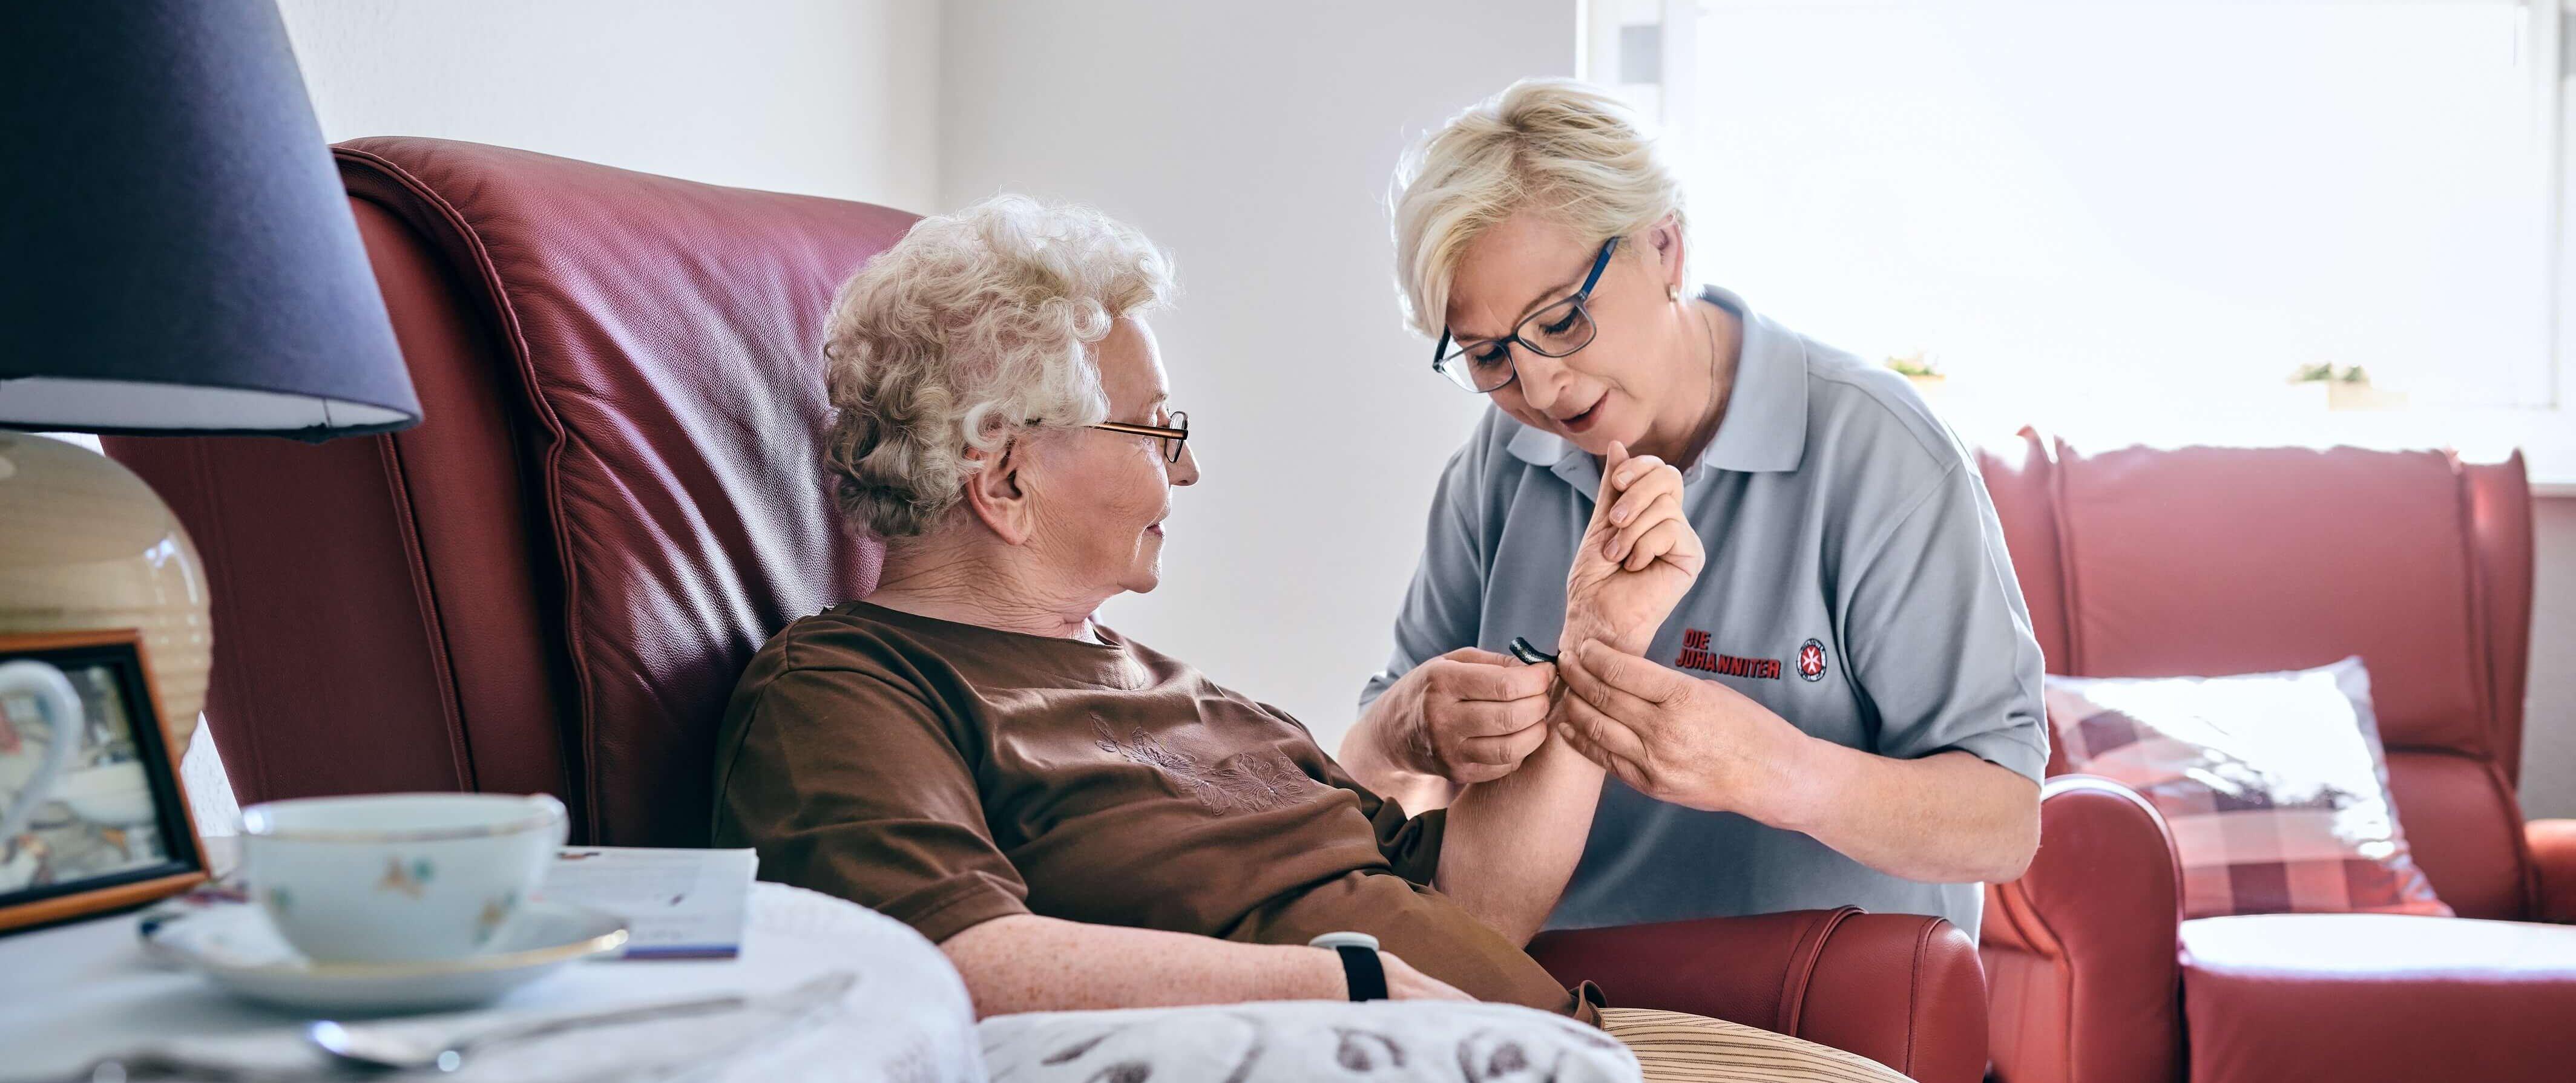 Unsere professionellen Pflegekräfte helfen im Alltag.